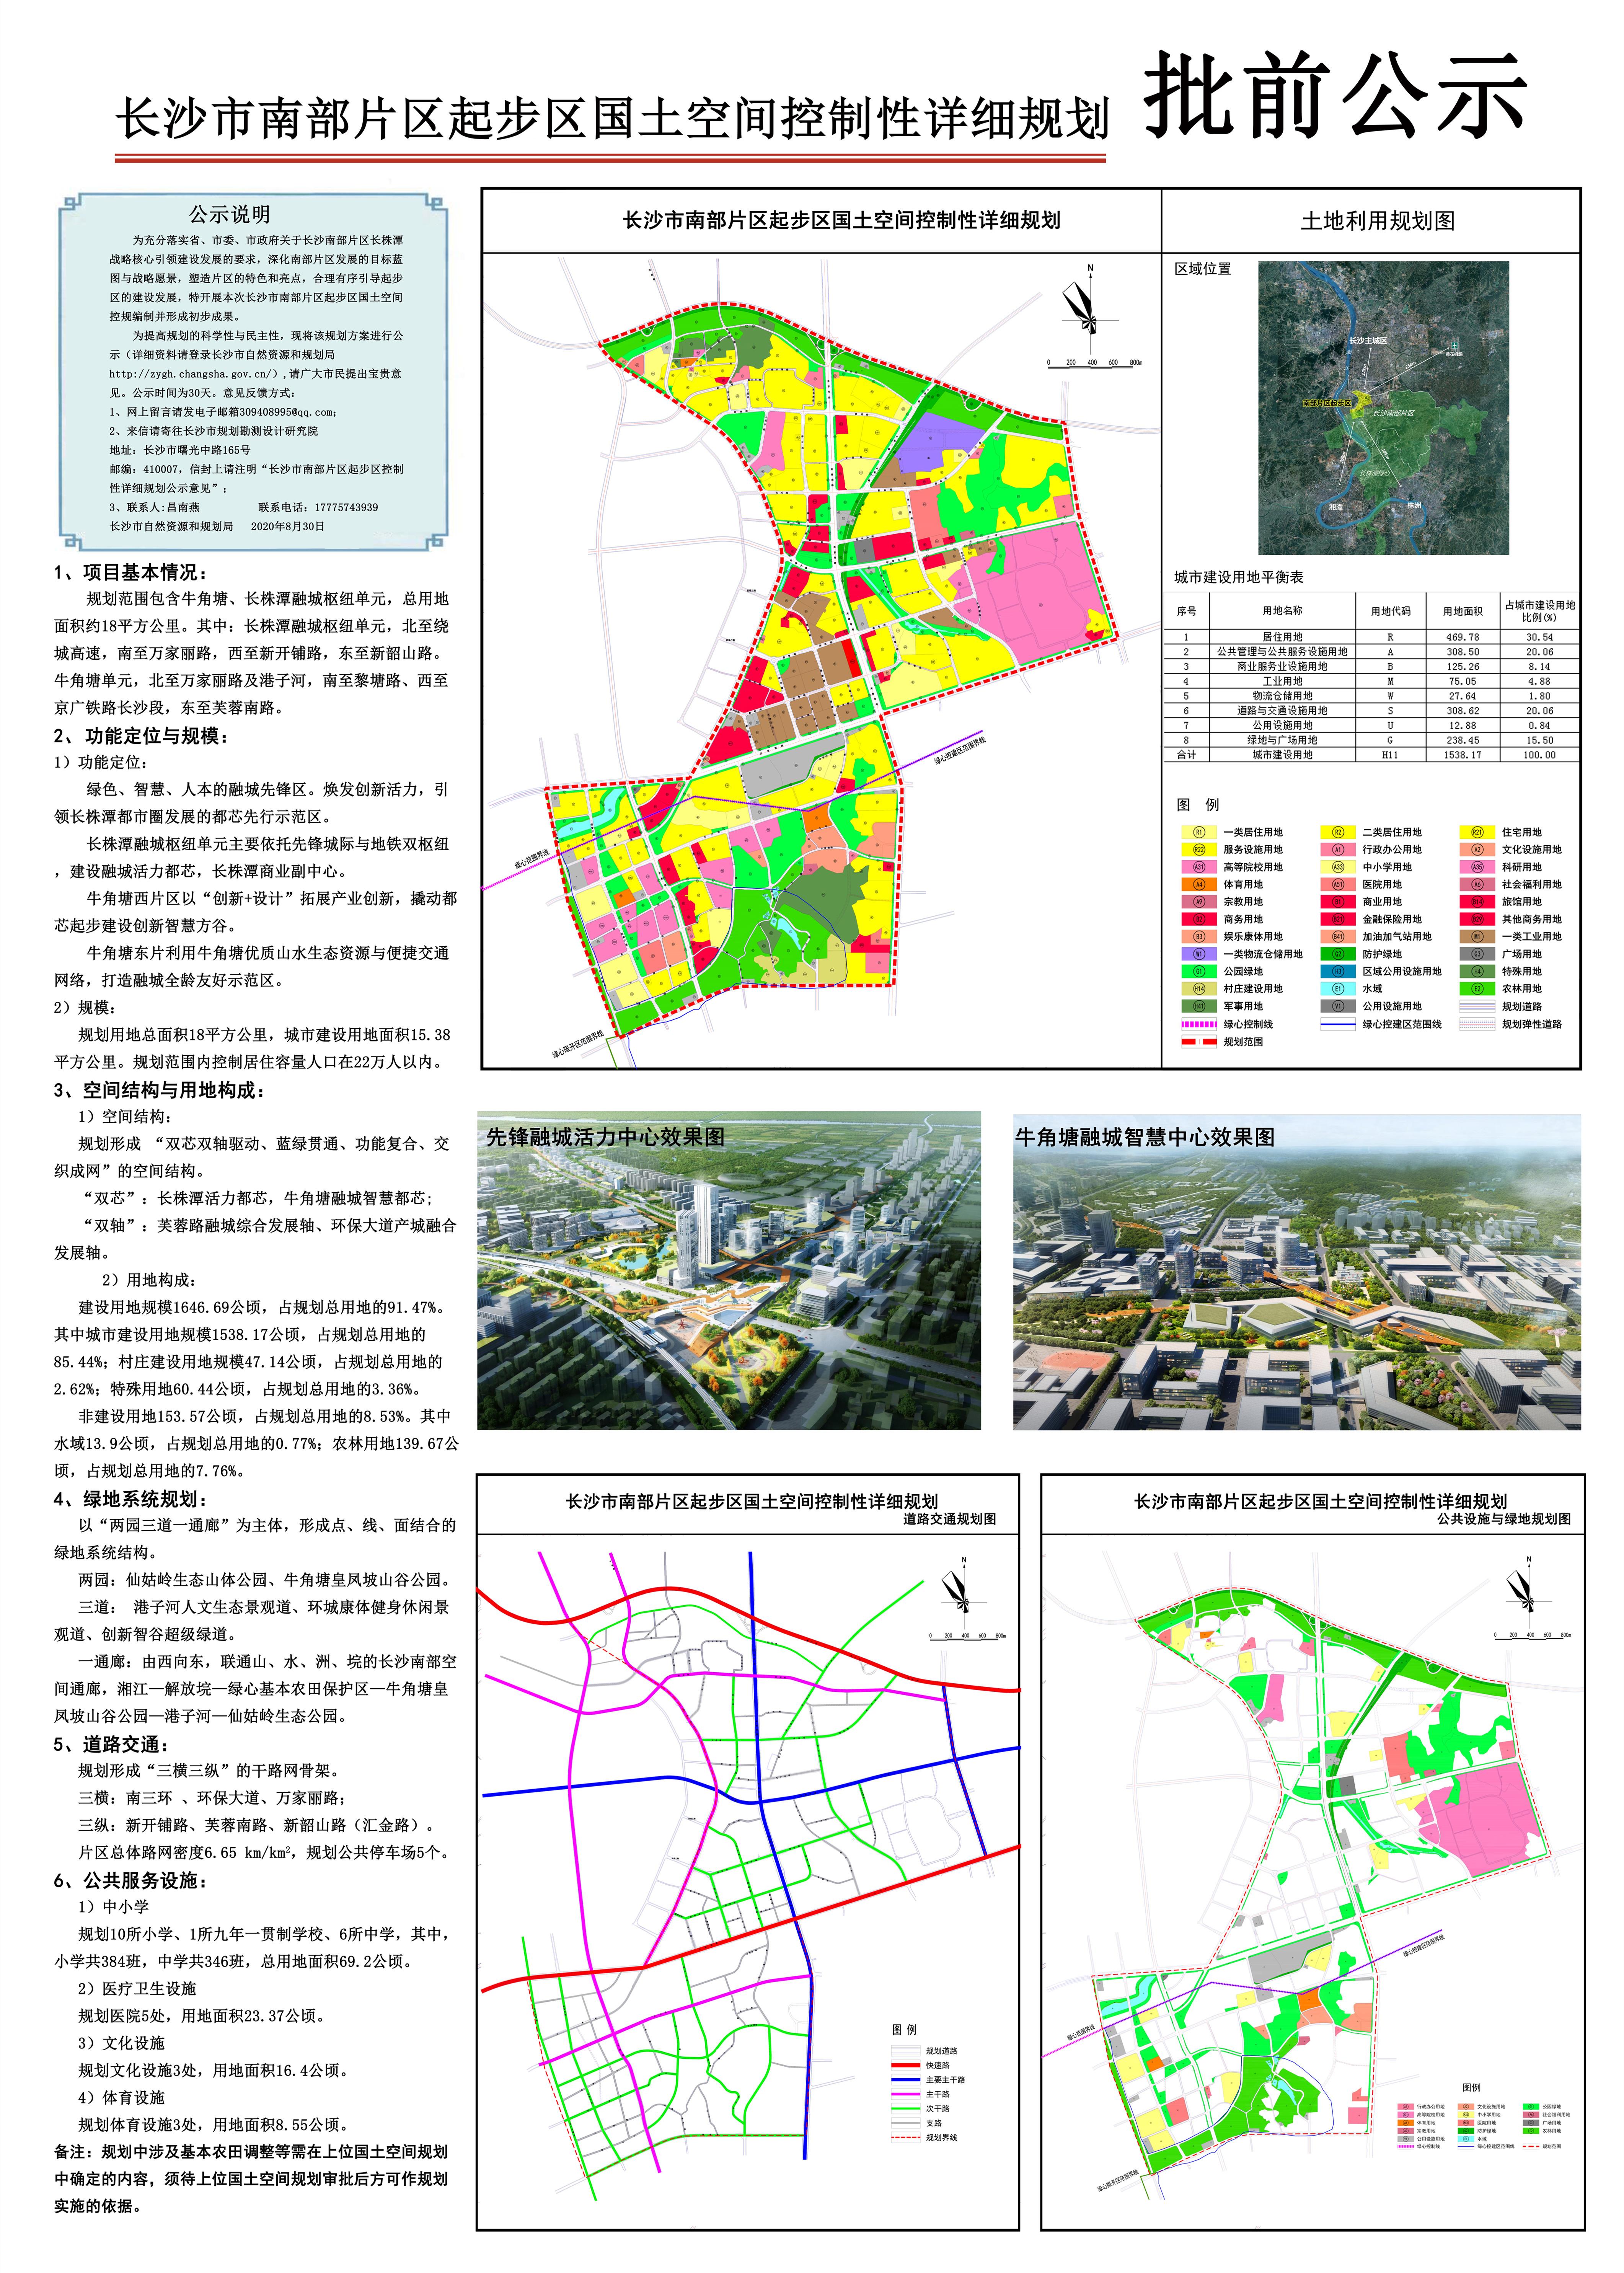 长沙市自然资源和规划局对长沙南部片区起步区国土空间控制性详细规划进行批前公示